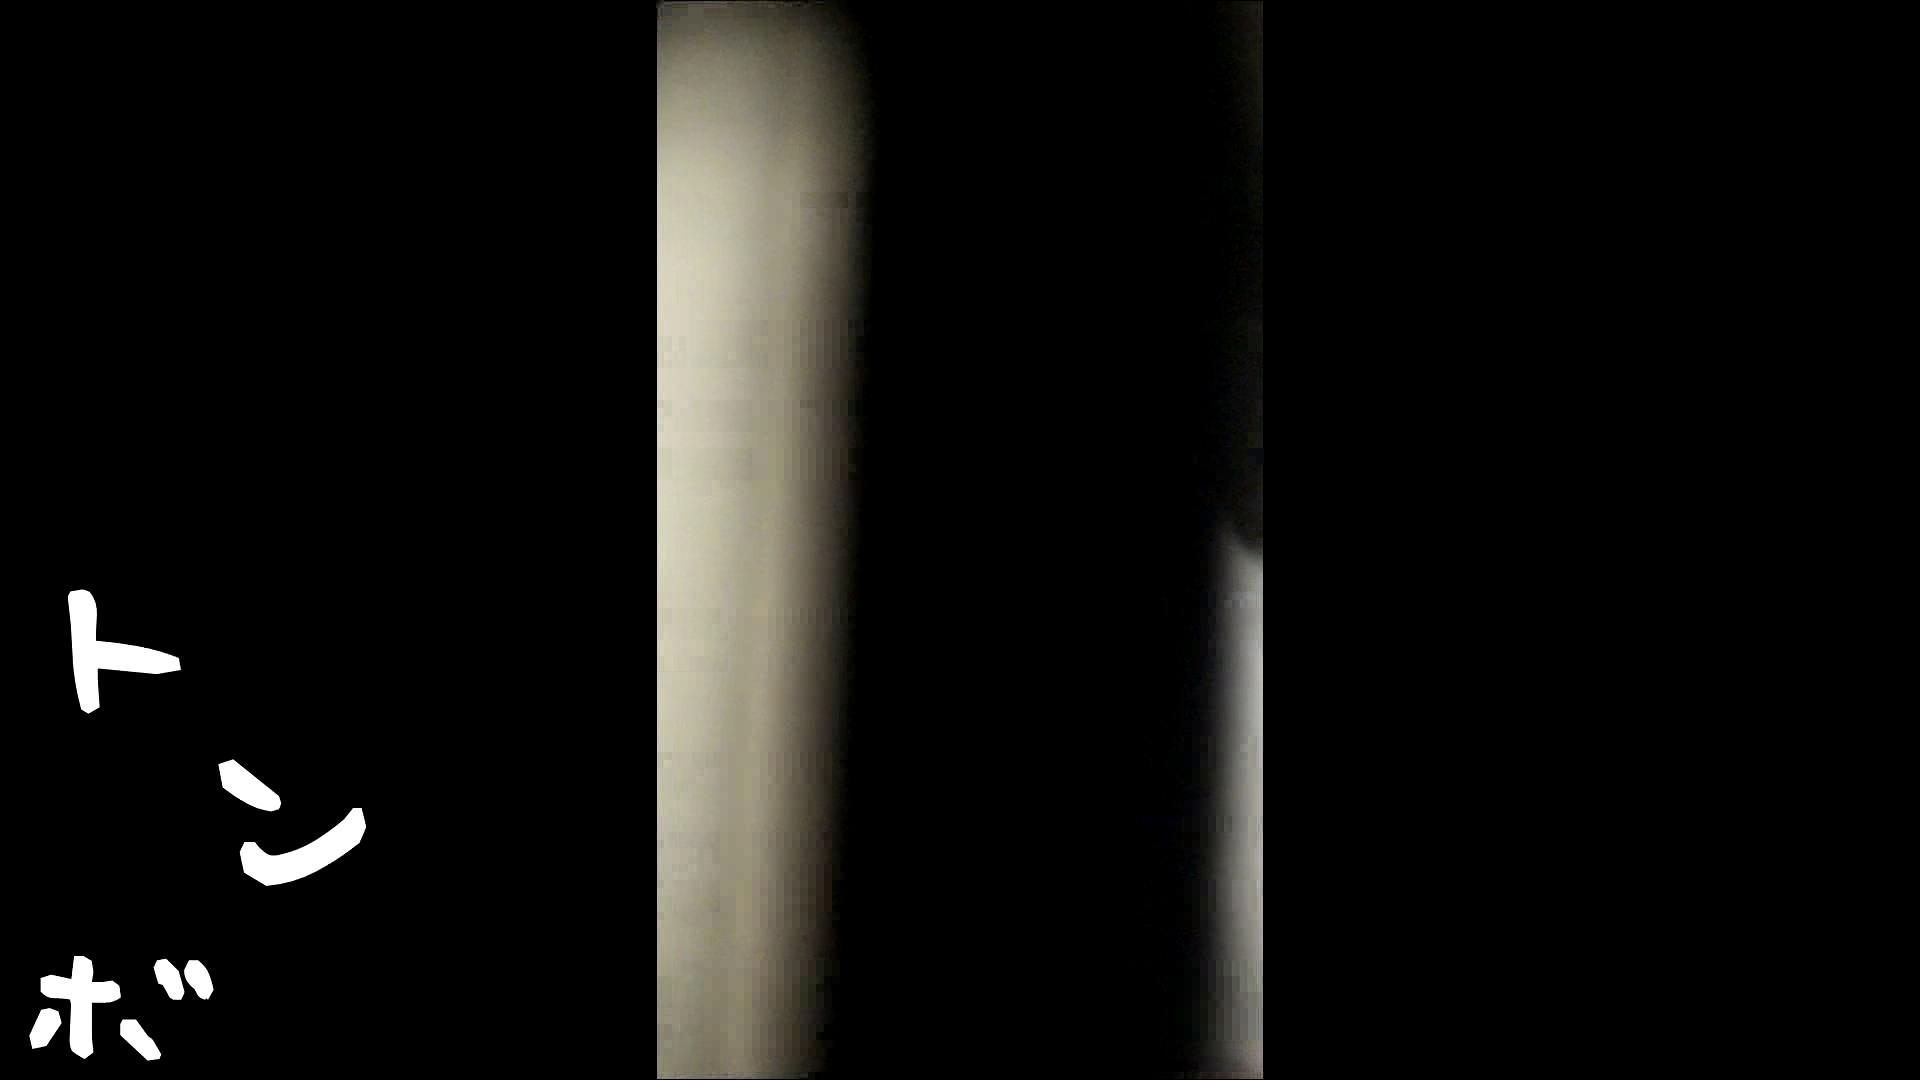 リアル盗撮 美人服飾専門学生の私生活 美女 おめこ無修正動画無料 88枚 57